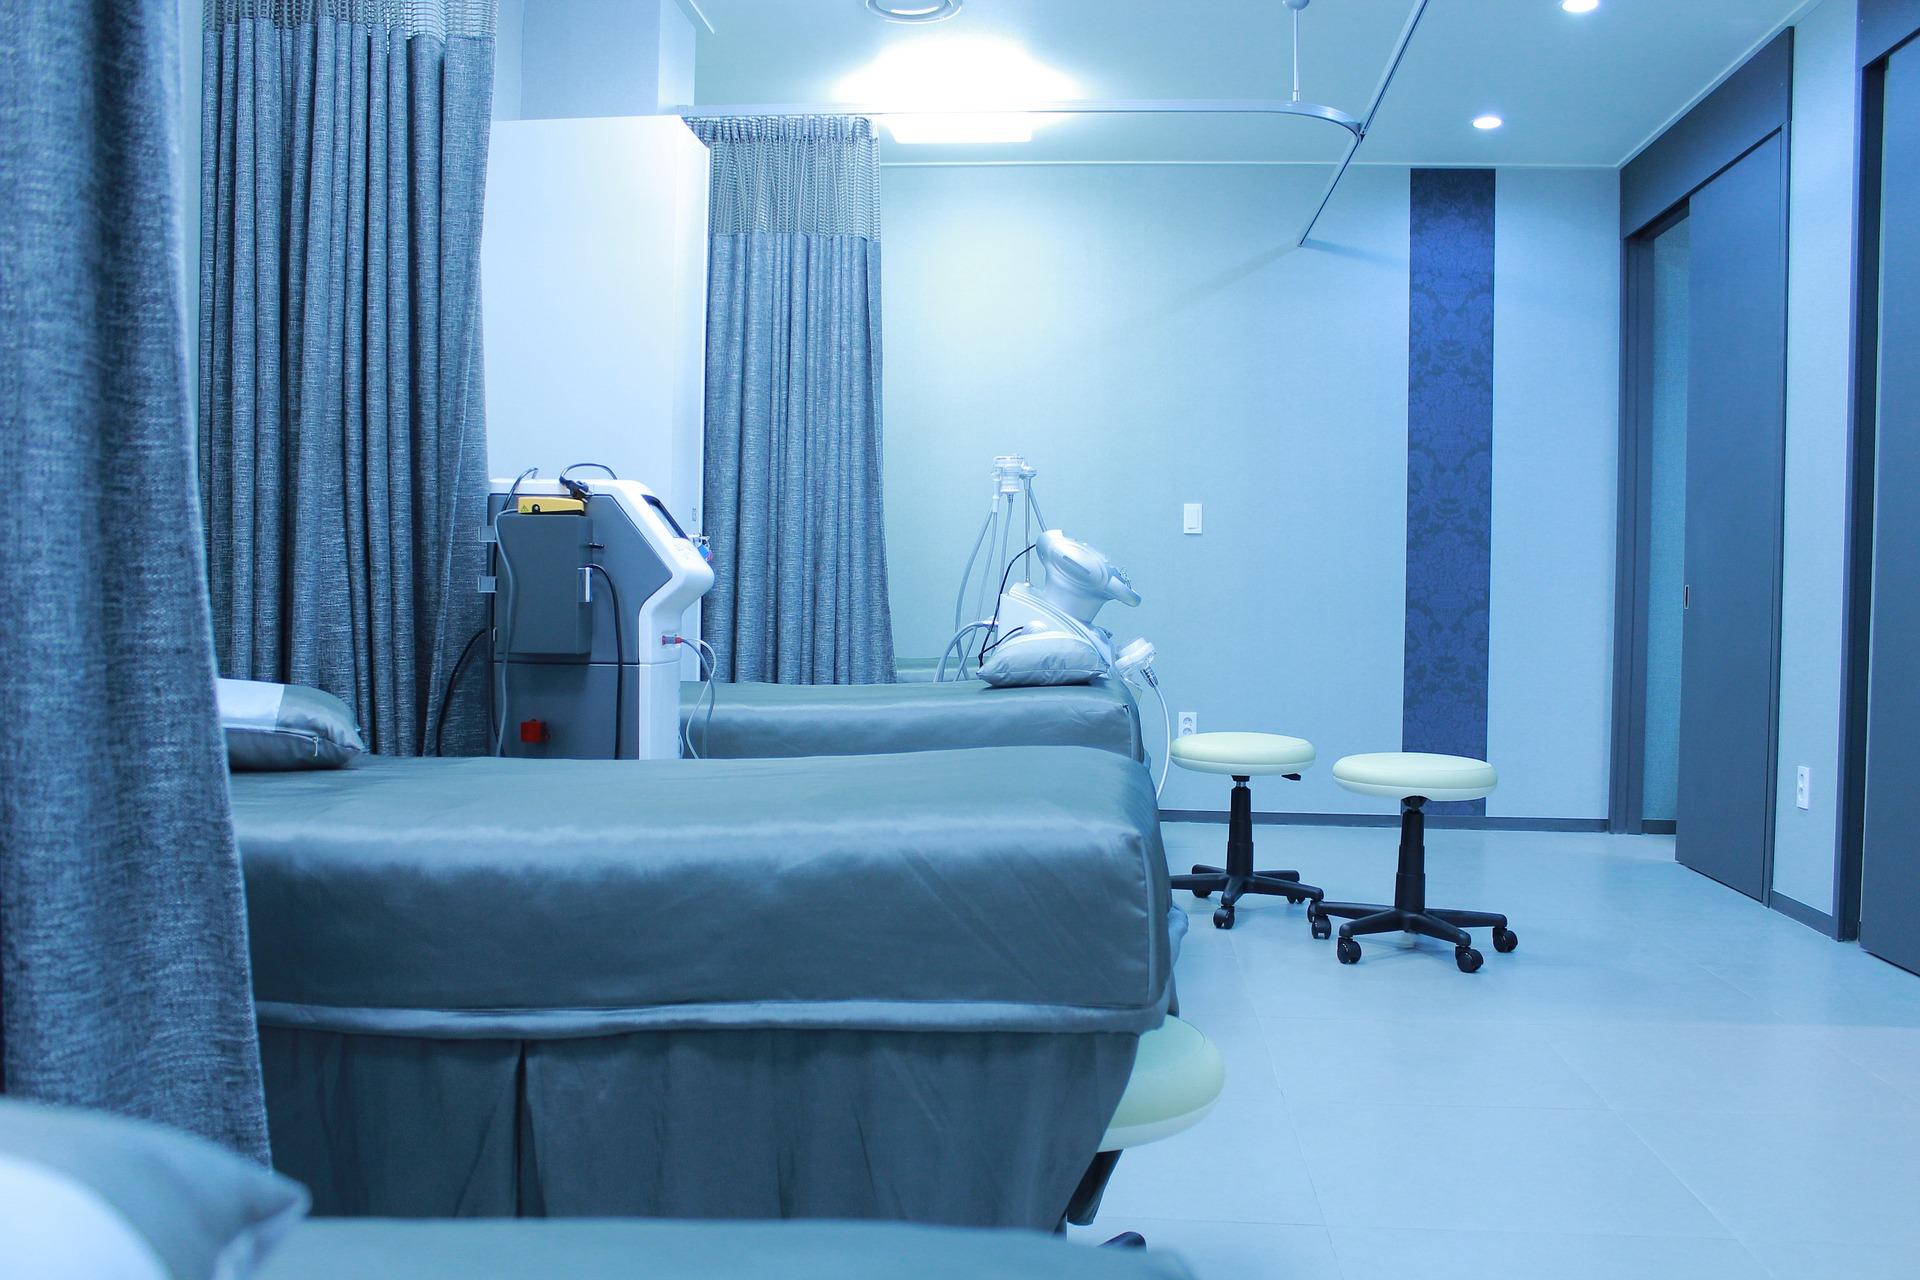 Trennvorhang Krankenhaus Wäsche